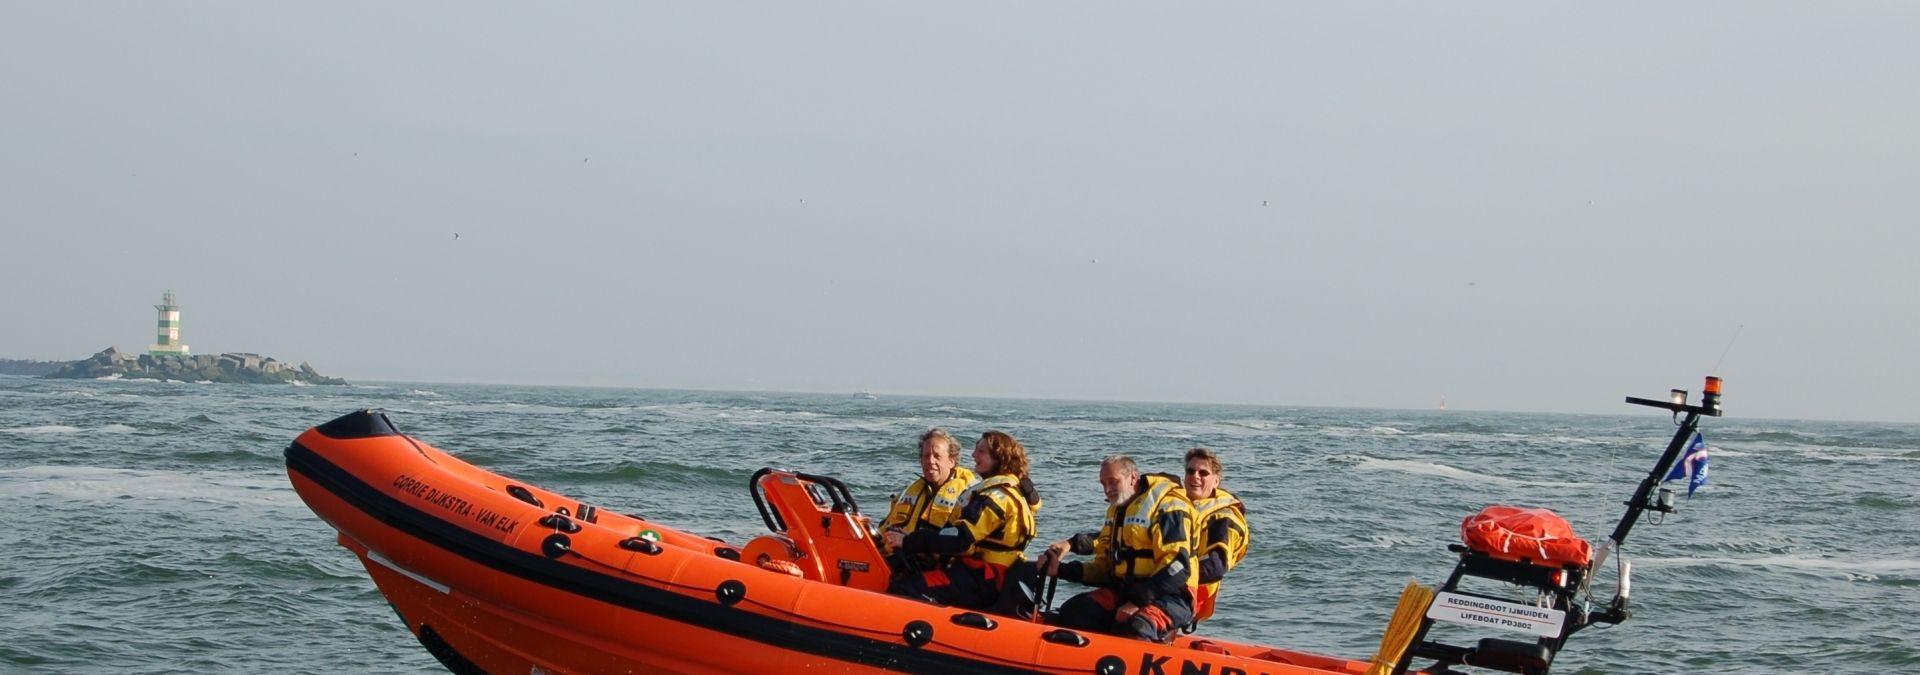 Reddingboot Corrie-Dijkstra-van Elk